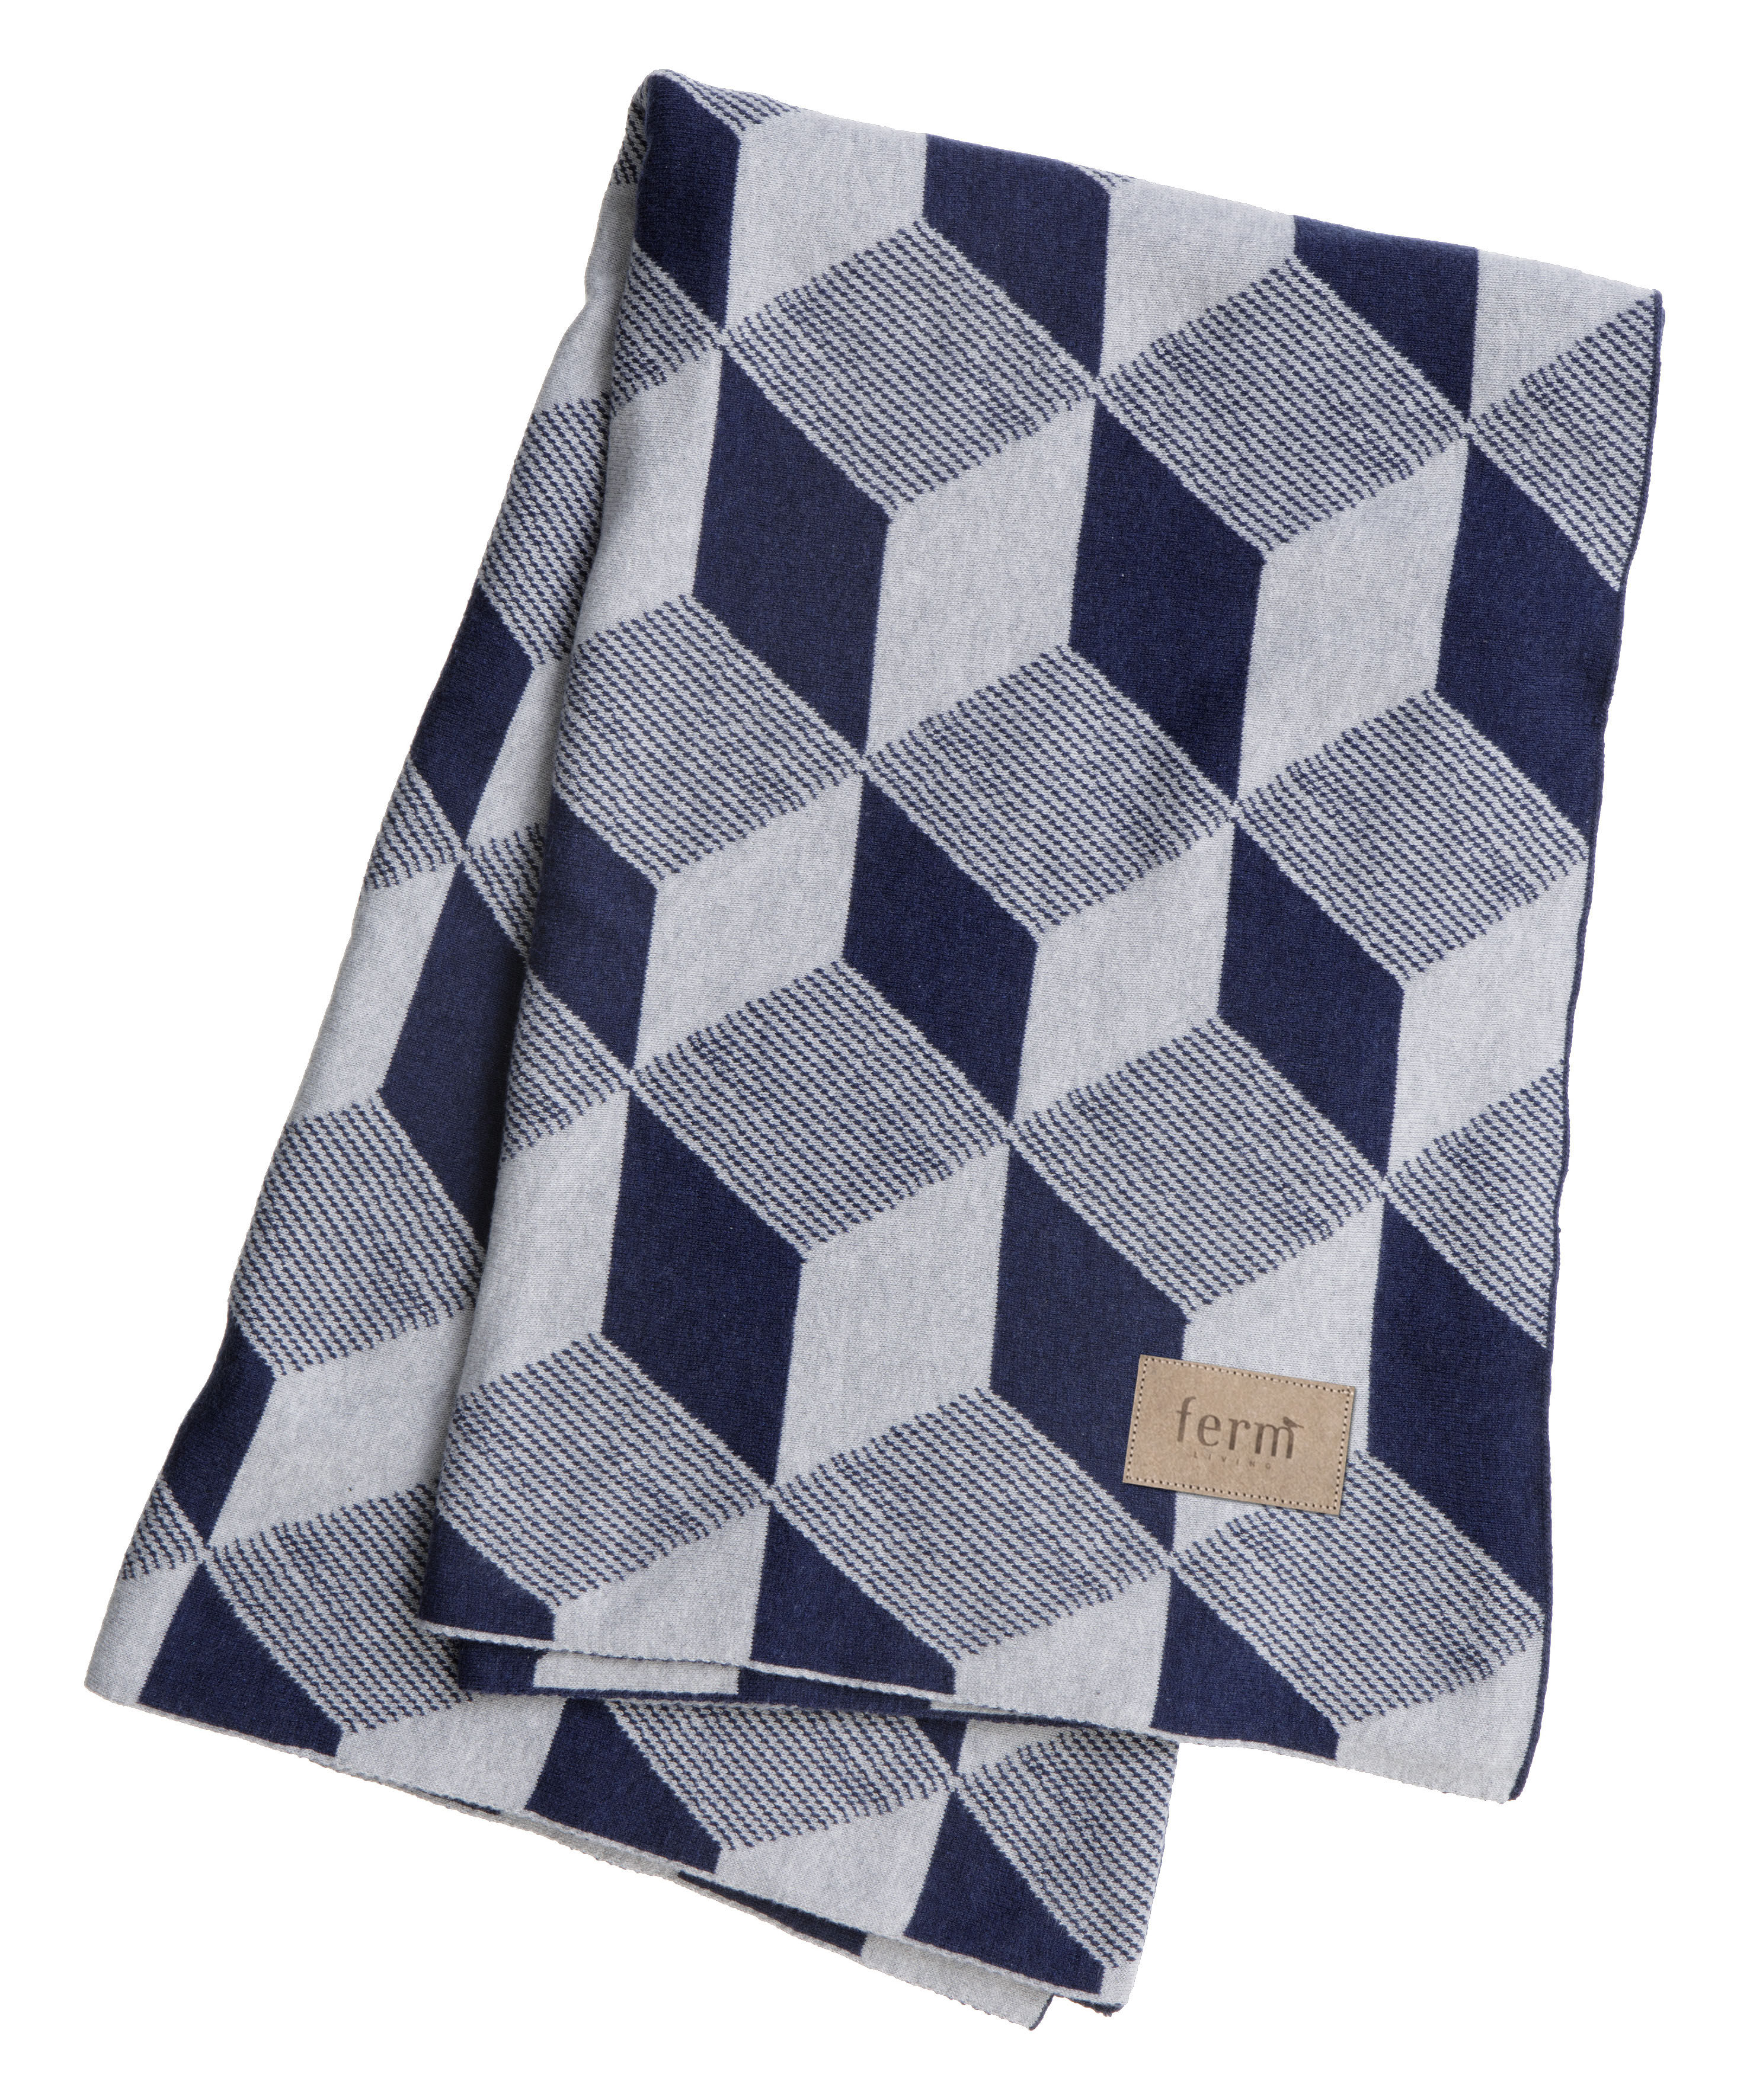 Déco - Textile - Plaid Squares / 150 x 120 cm - Ferm Living - Cubes - Bleu & Argent - Coton